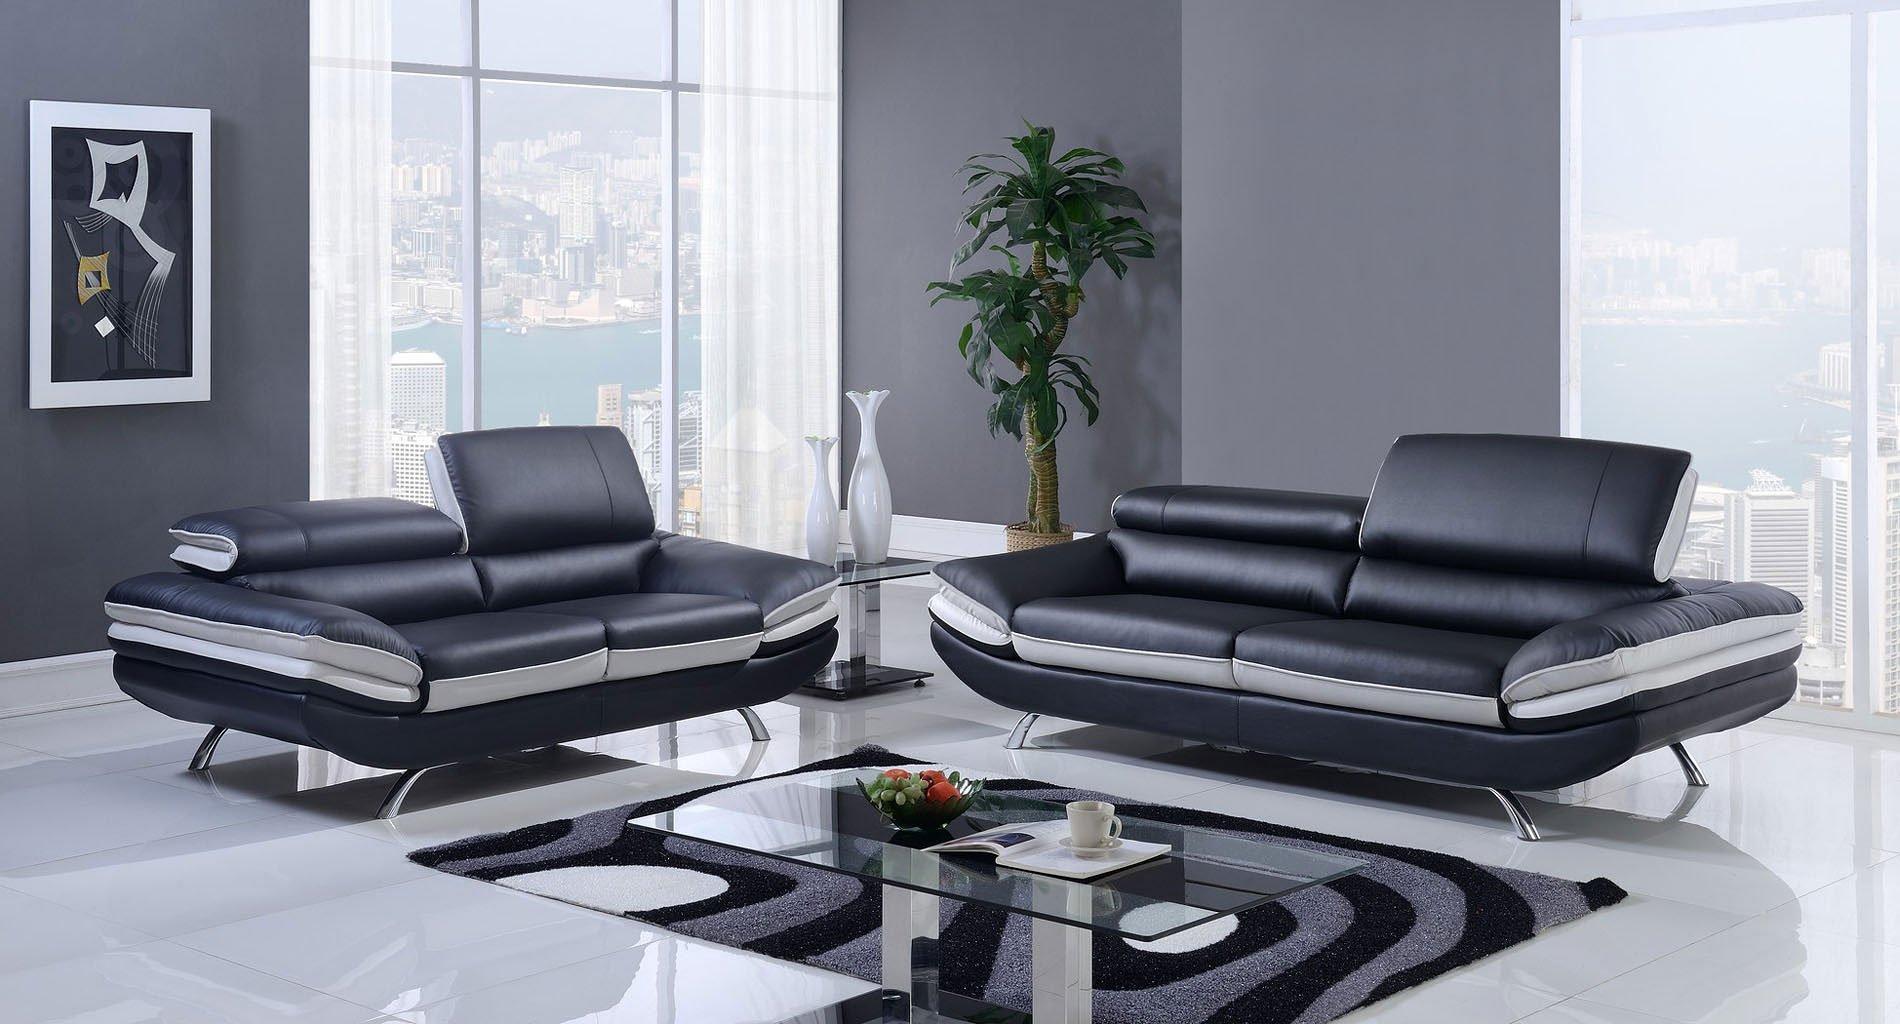 U7110 Living Room Set Nat Black And Light Grey By Global Furniture Furniturepick